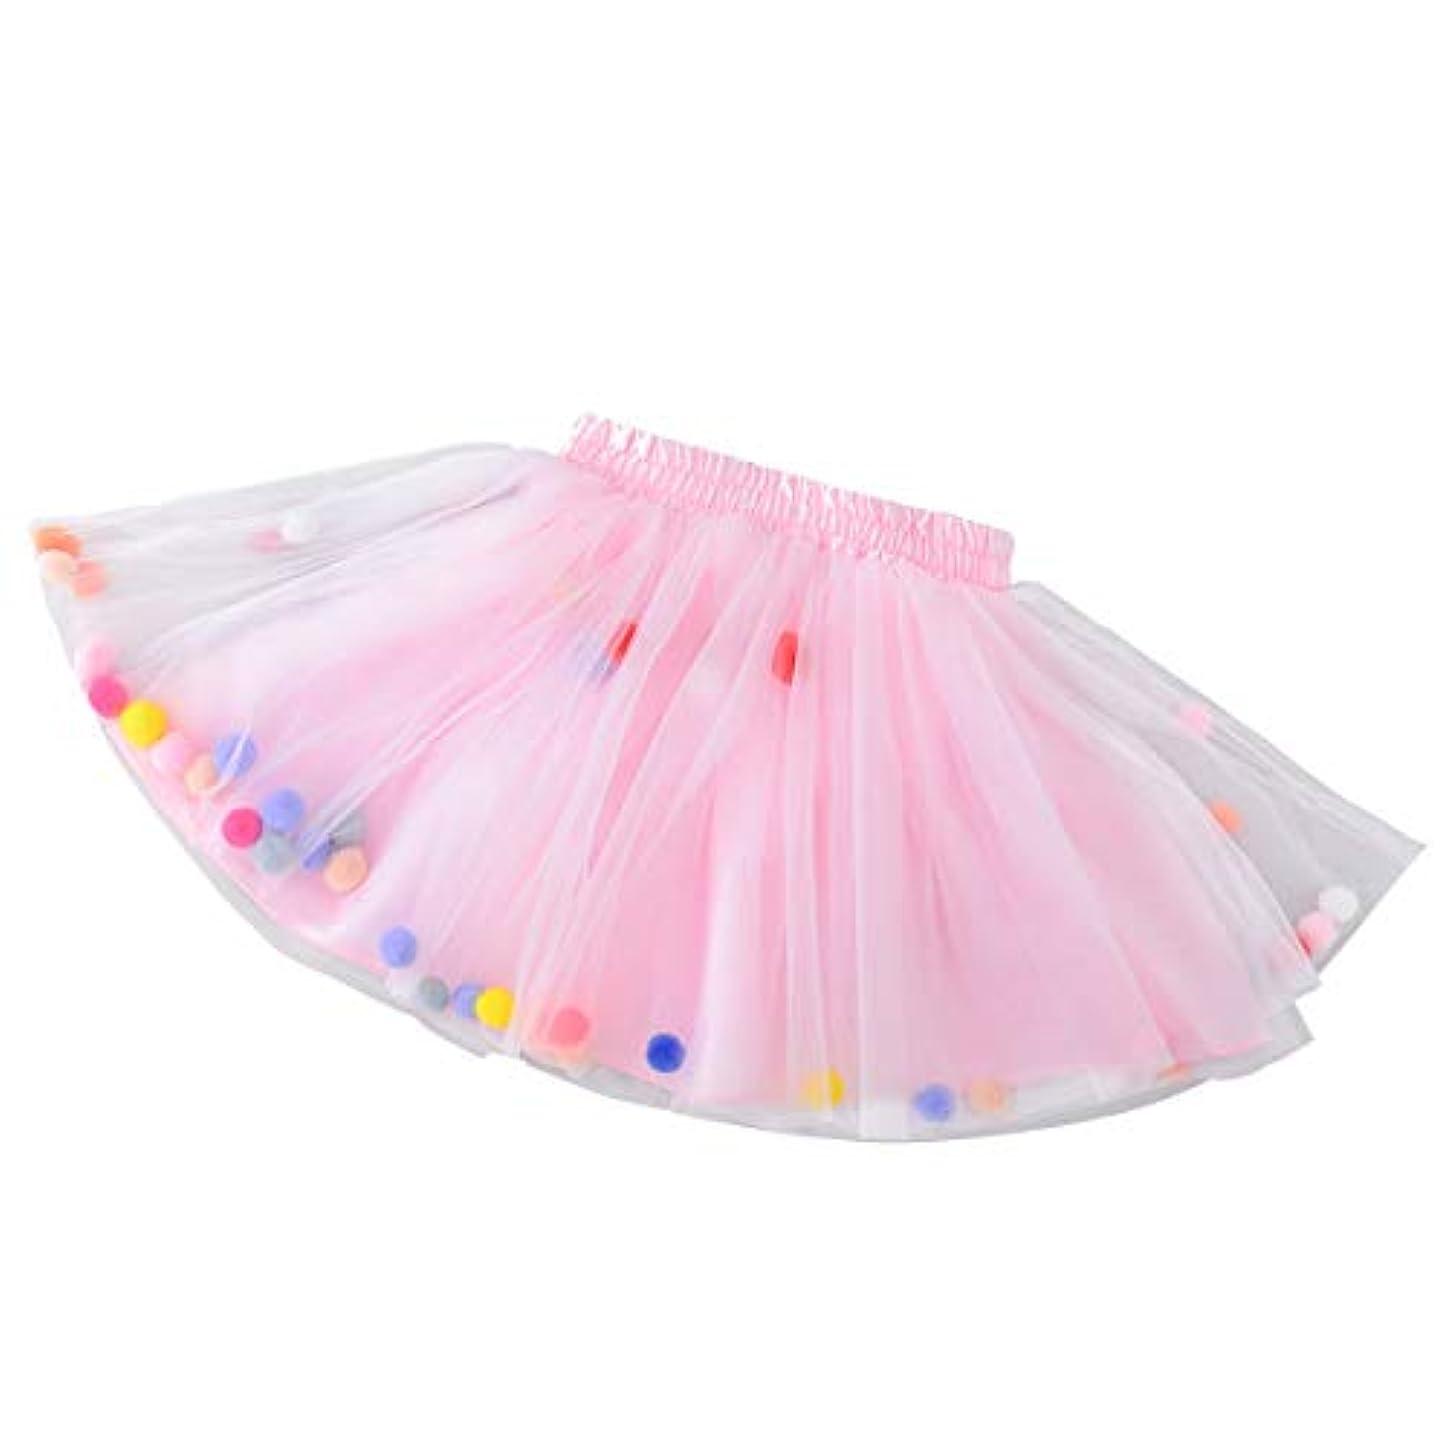 超高層ビル静的嘆くYeahiBaby 子供チュチュスカートラブリーピンクミディスカートカラフルなファジーボールガーゼスカートプリンセスドレス衣装用女の子(サイズl)